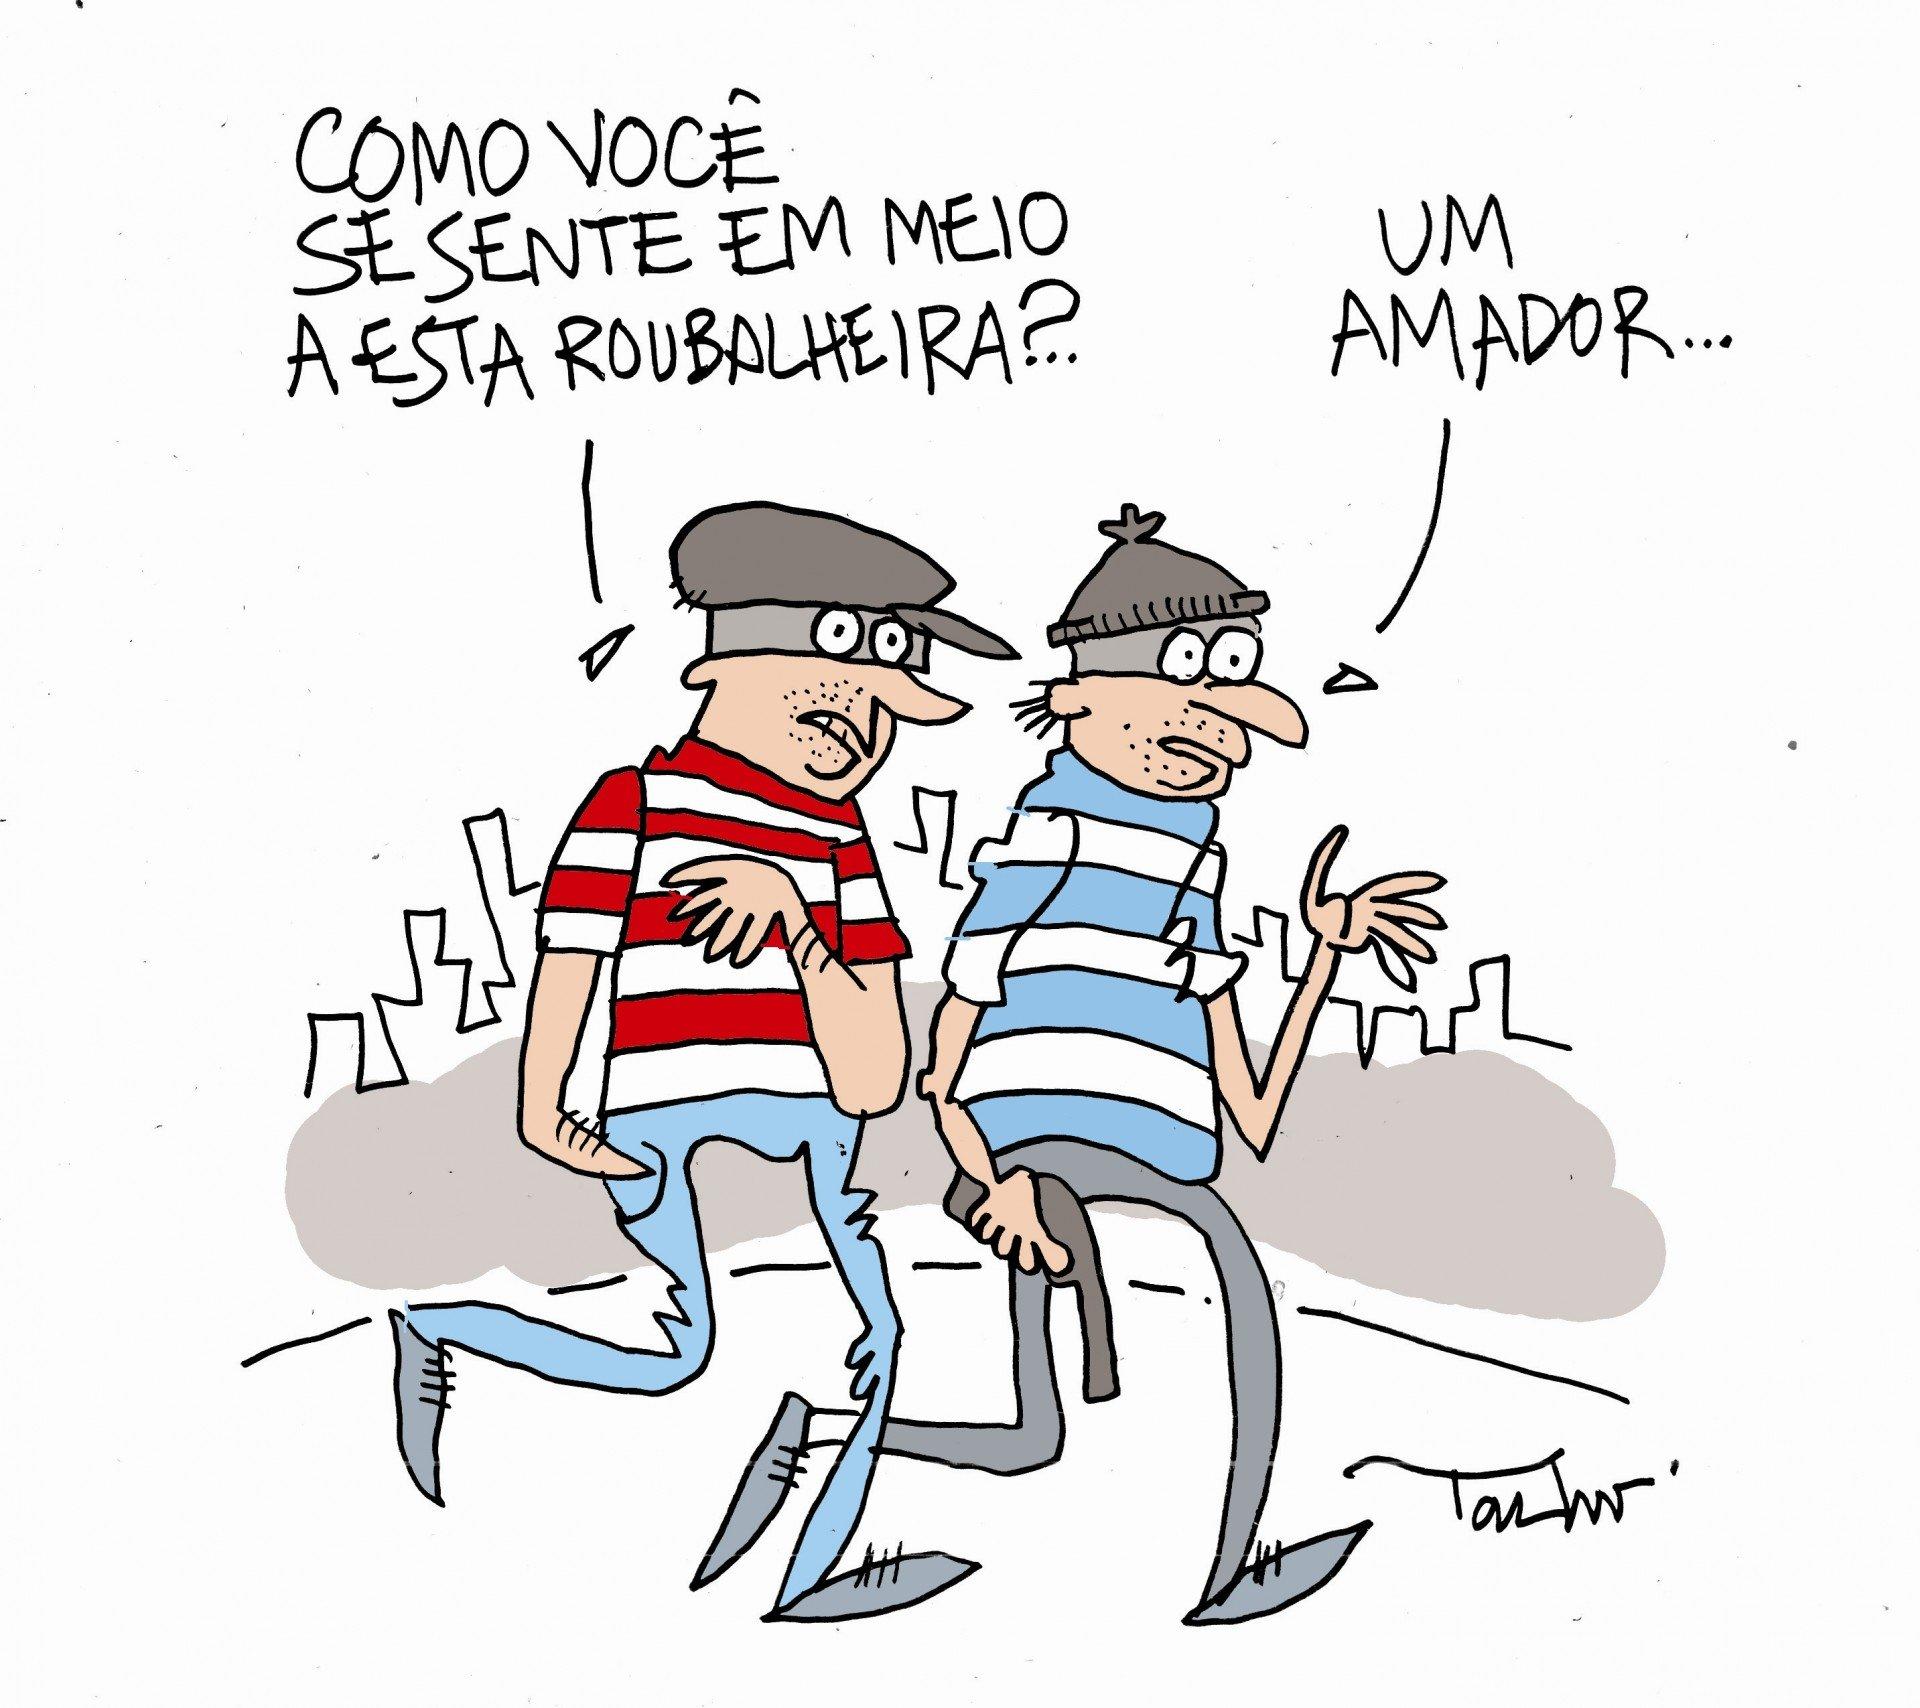 Resultado de imagem para REJEIÇÃO AOS POLÍTICOS CHARGES